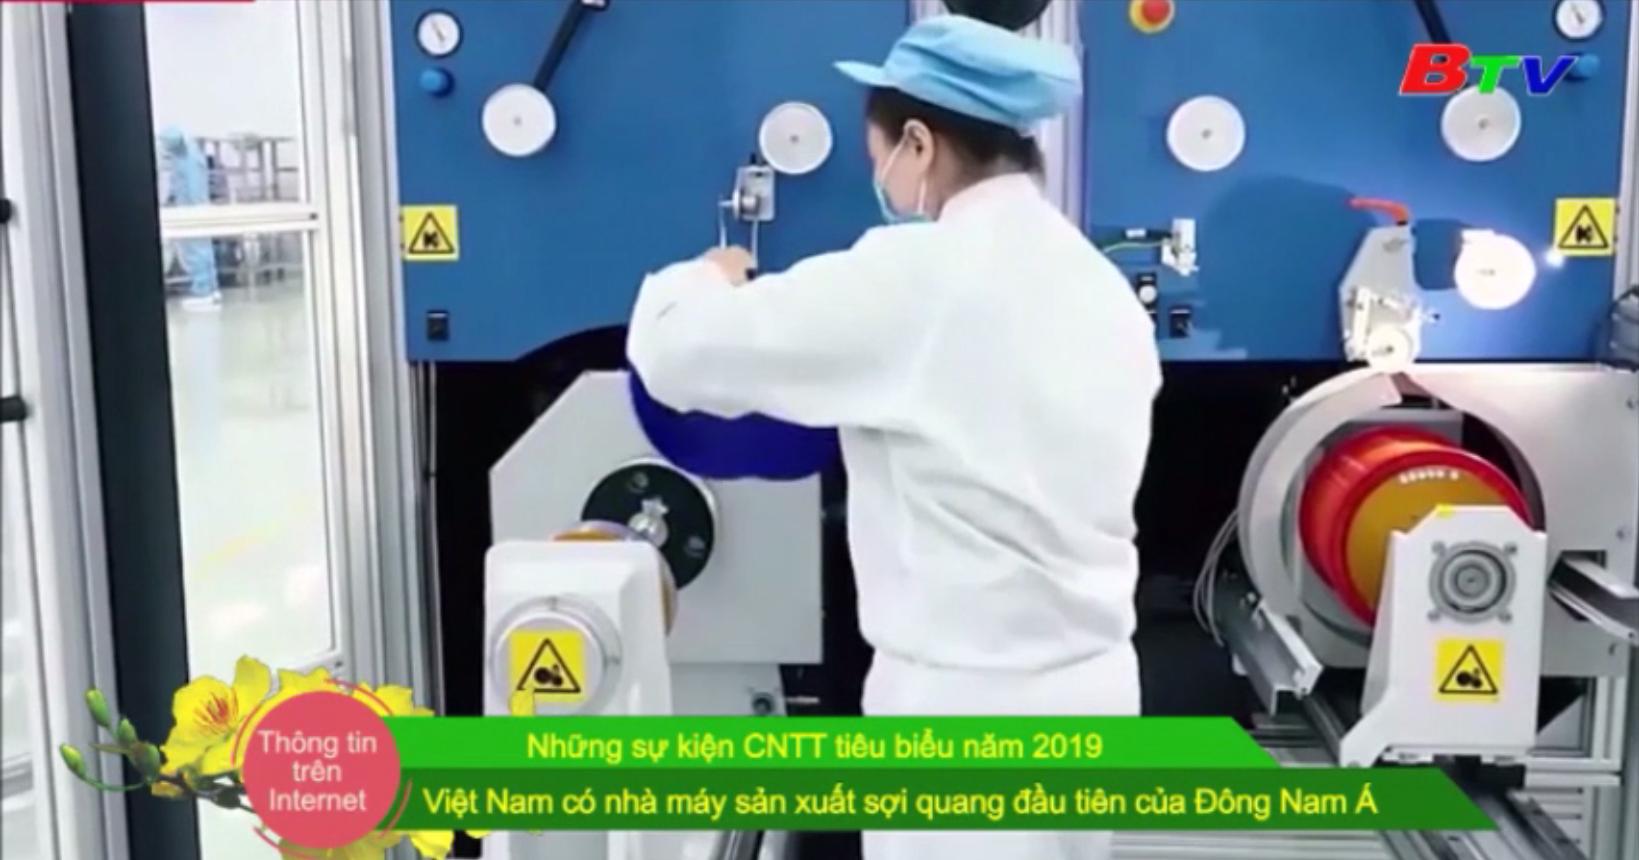 Những sự kiện CNTT tiêu biểu năm 2019 - Việt Nam có nhà máy sản xuất sợi quang đầu tiên của Đông Nam Á